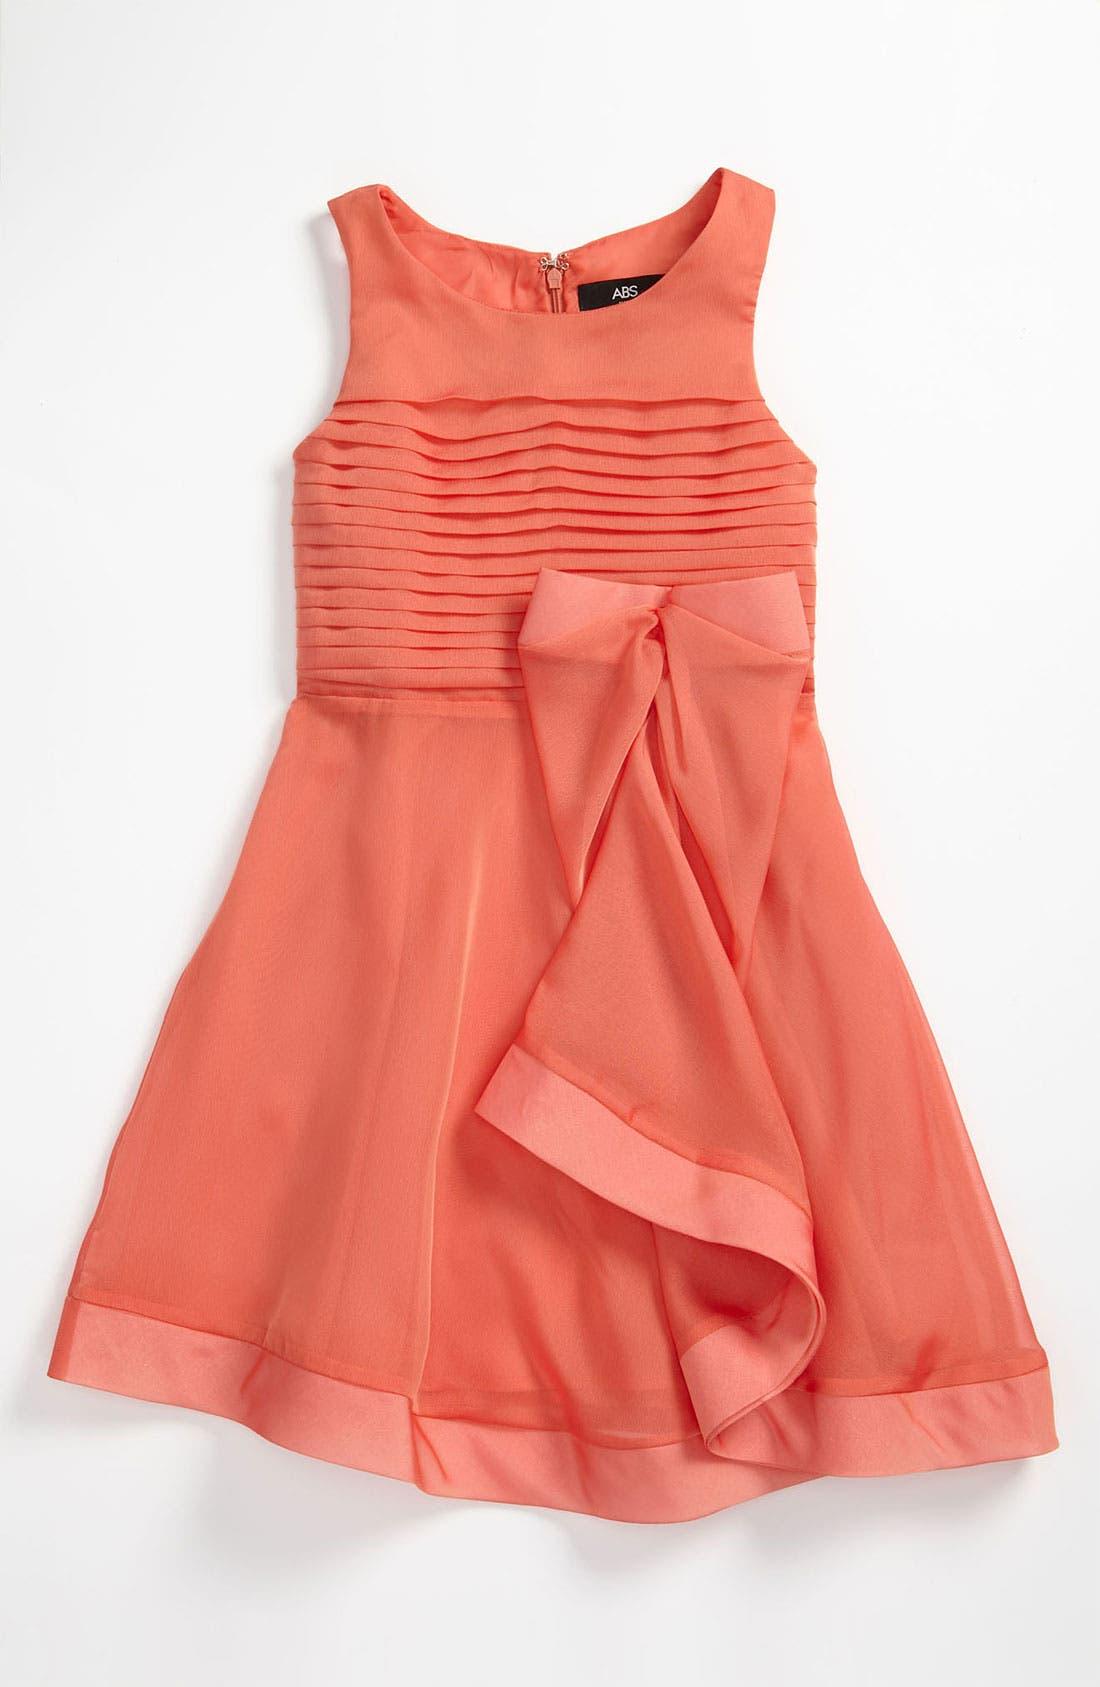 Main Image - ABS by Allen Schwartz Sleeveless Organza Dress (Big Girls)